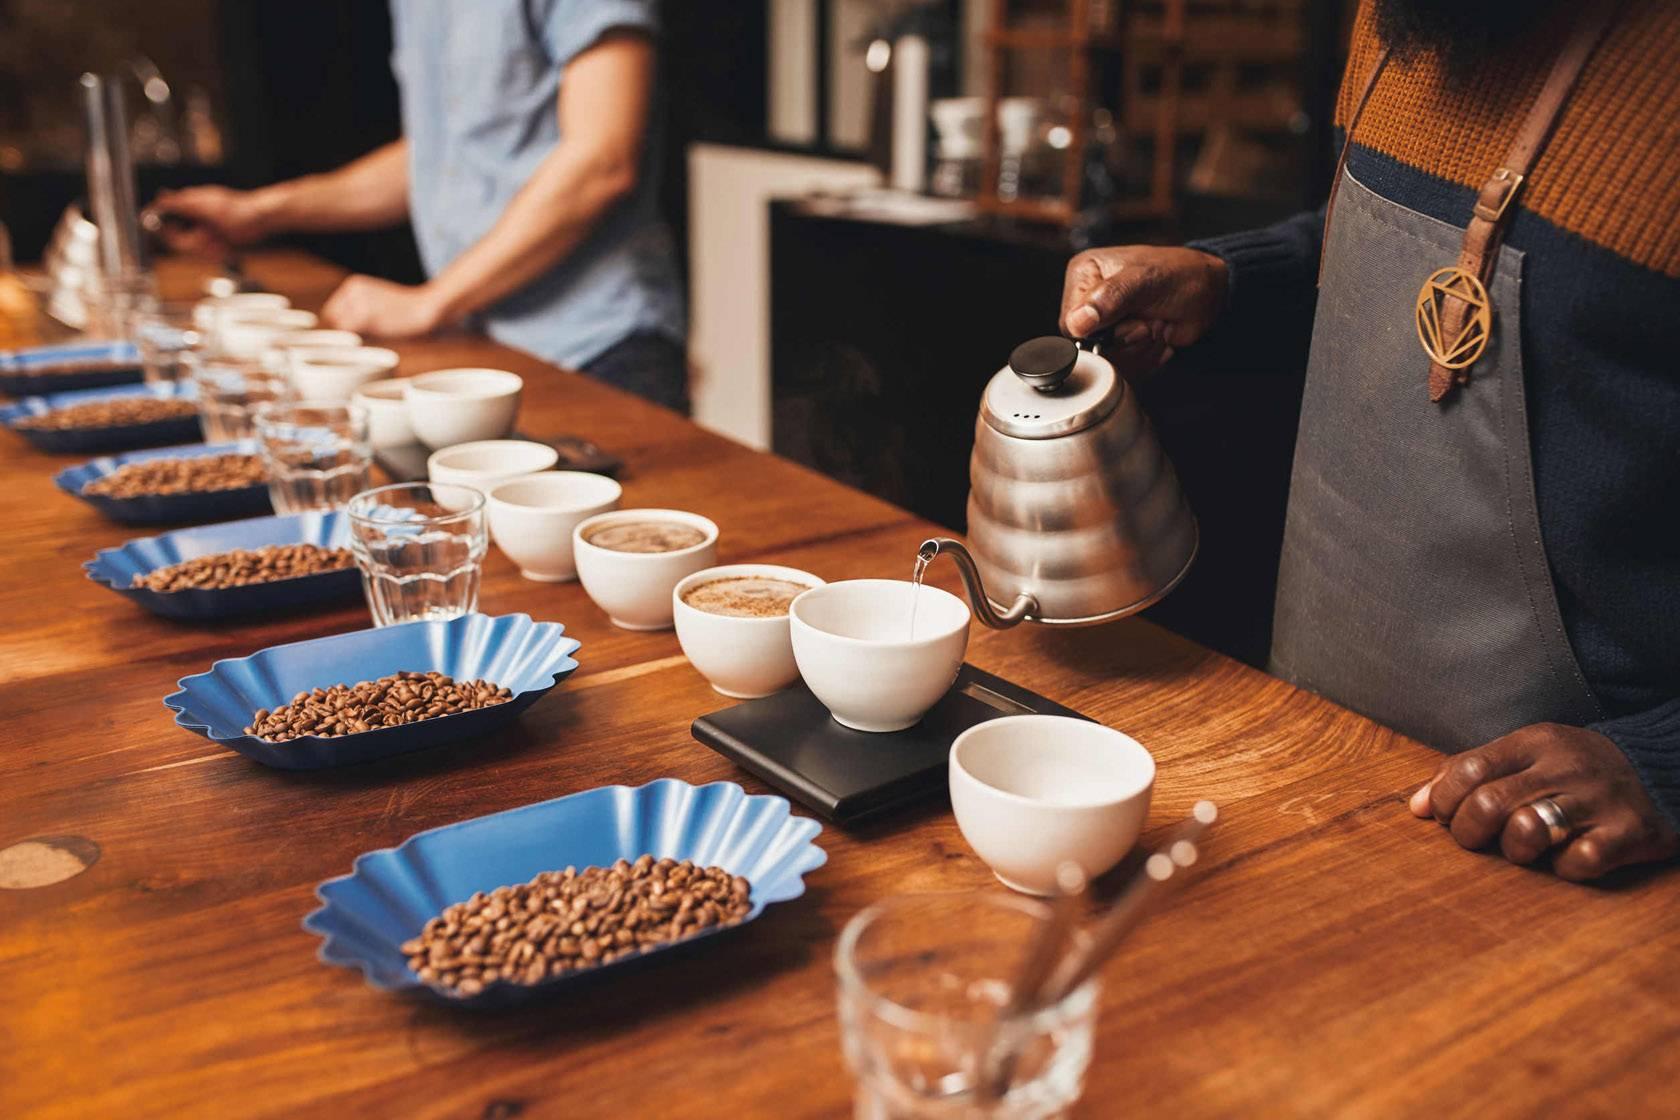 Рекомендации как сделать кофе с пенкой в домашних условиях